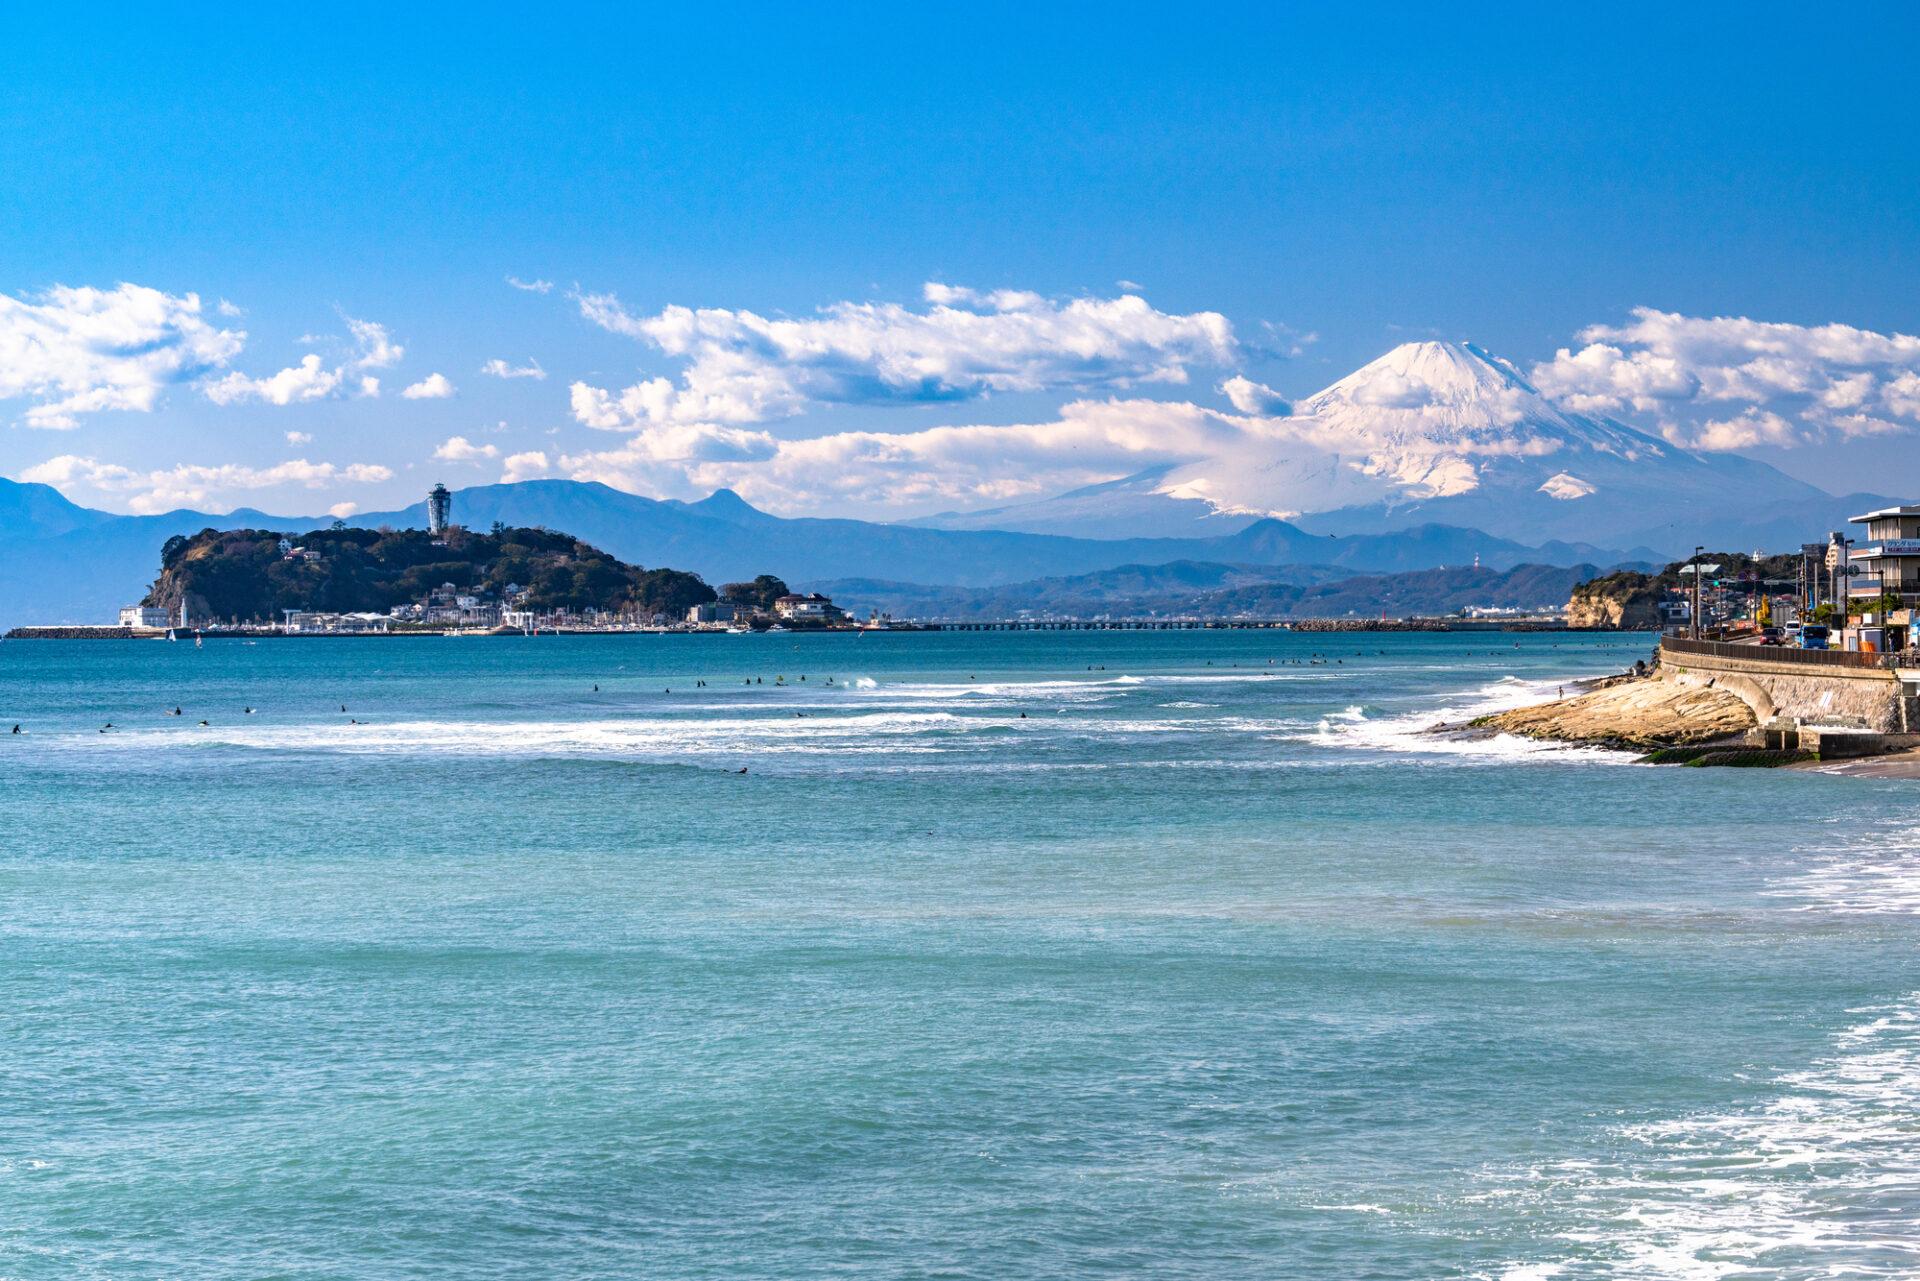 広い海と青い空